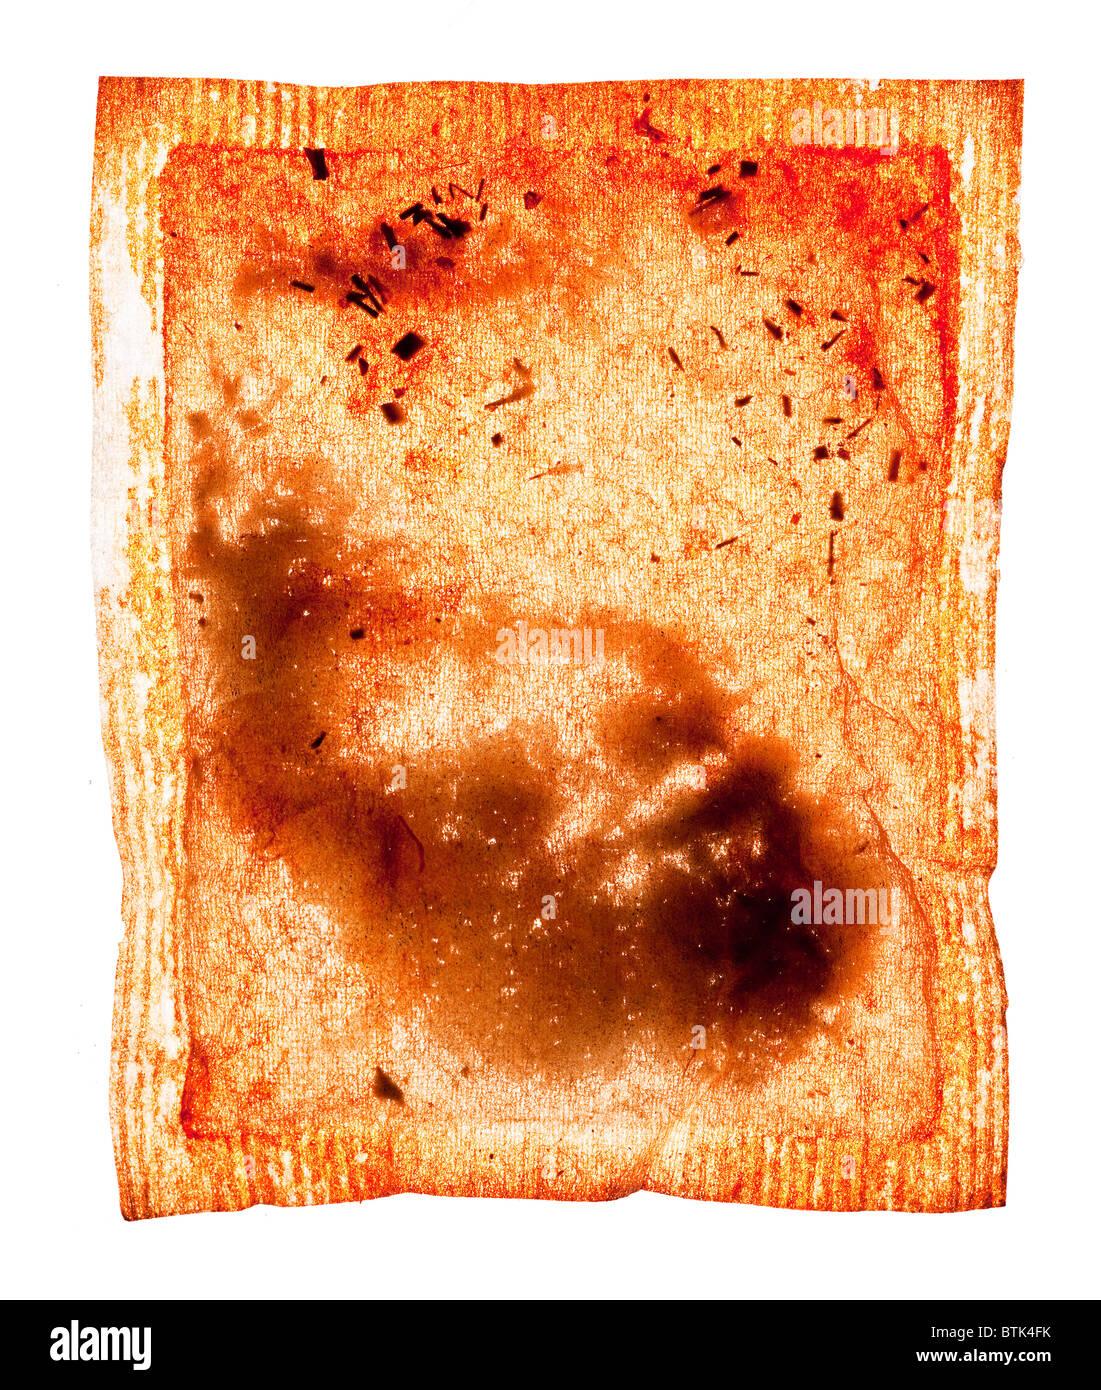 Tea bag with outline of foetus - Stock Image